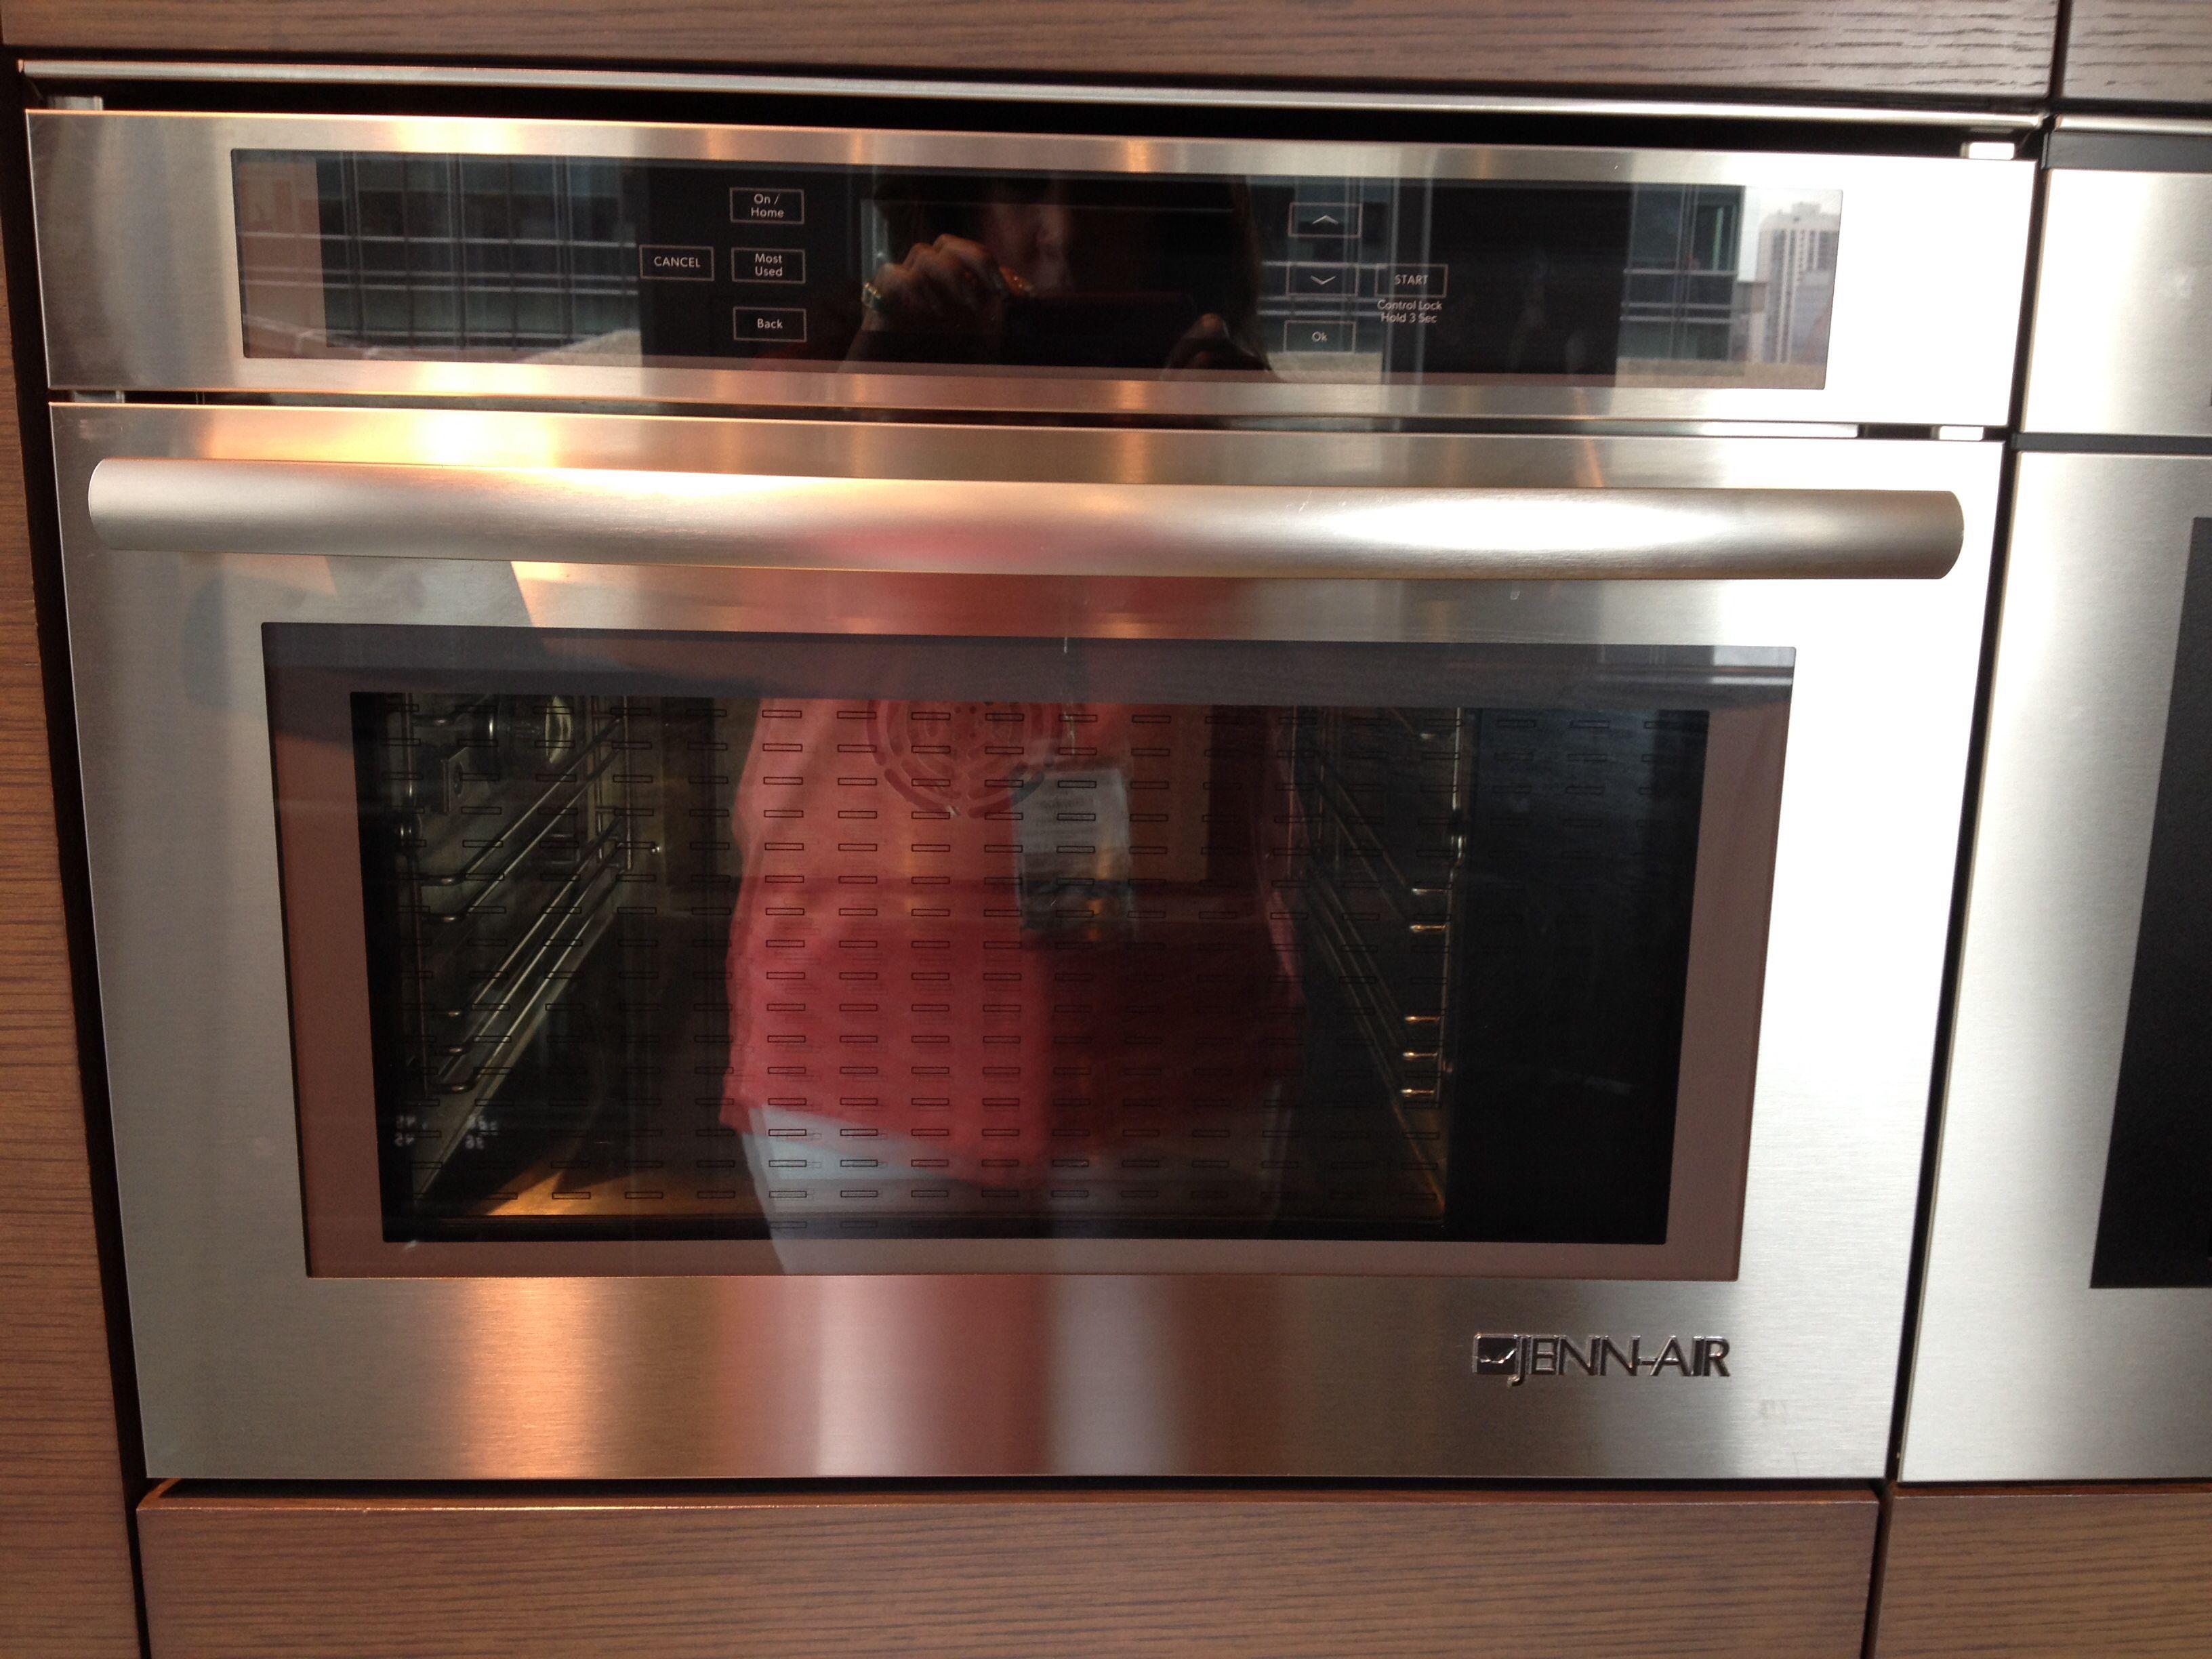 jenn air steam oven inspiringkitchen appliances pinterest